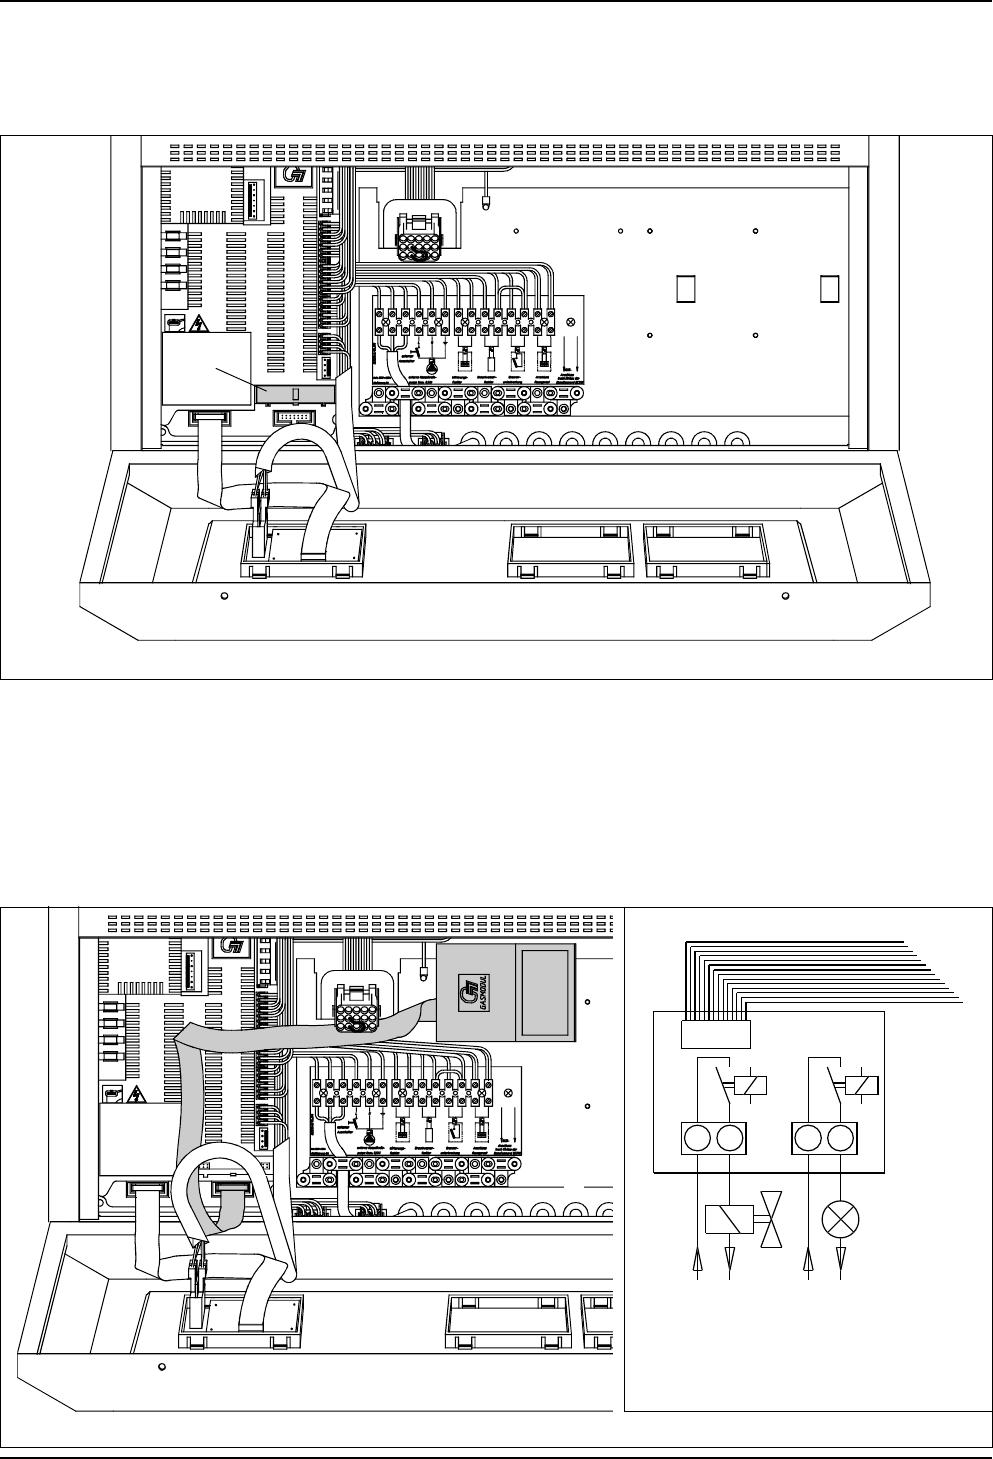 Atemberaubend Schaltplan Der Zonenventile Bilder - Der Schaltplan ...